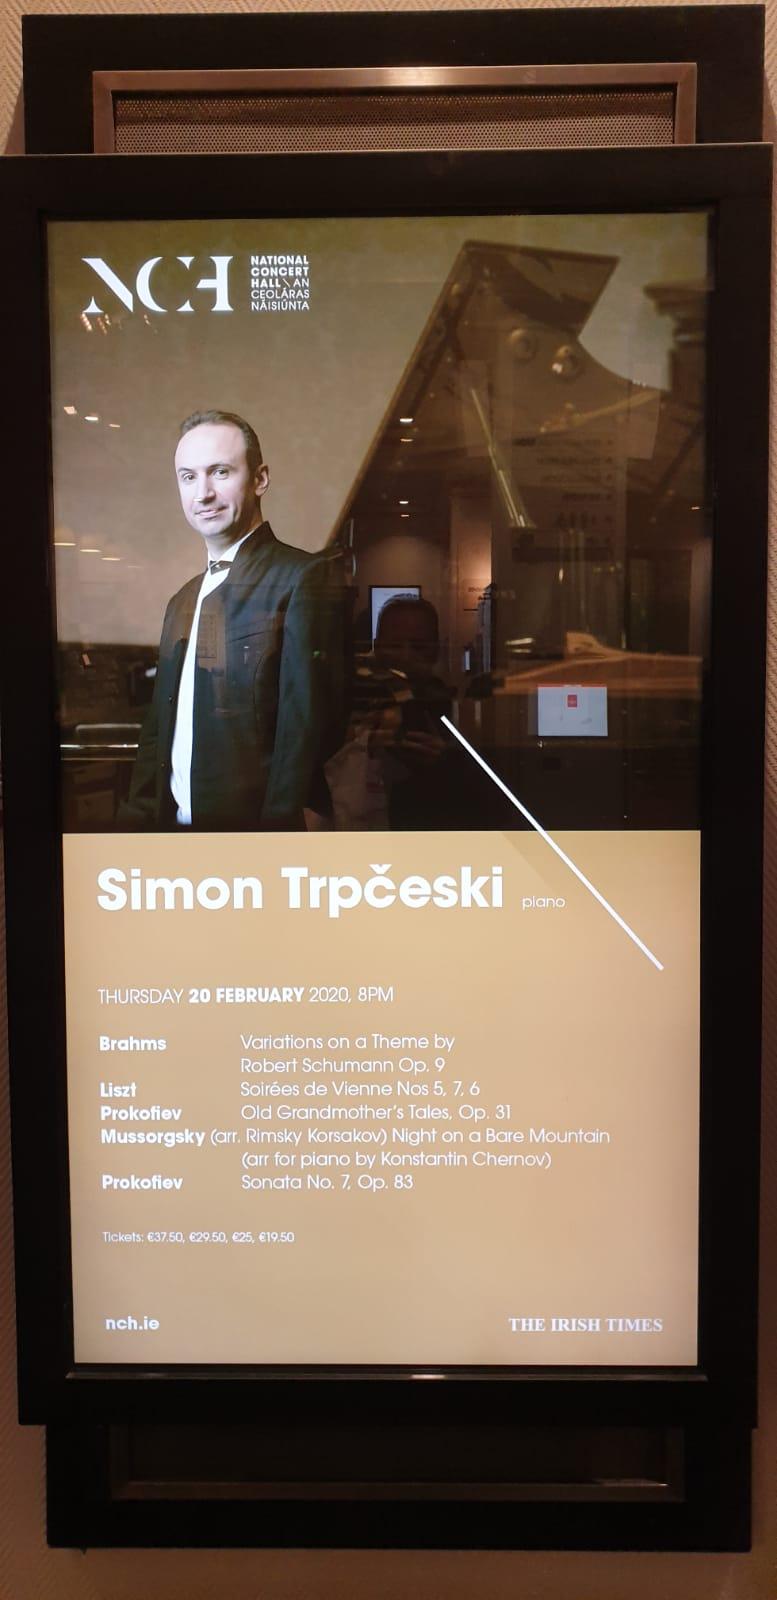 Стоечки овации за македонскиот пијанист со светски глас Симон Трпчески во Даблин и Лондон